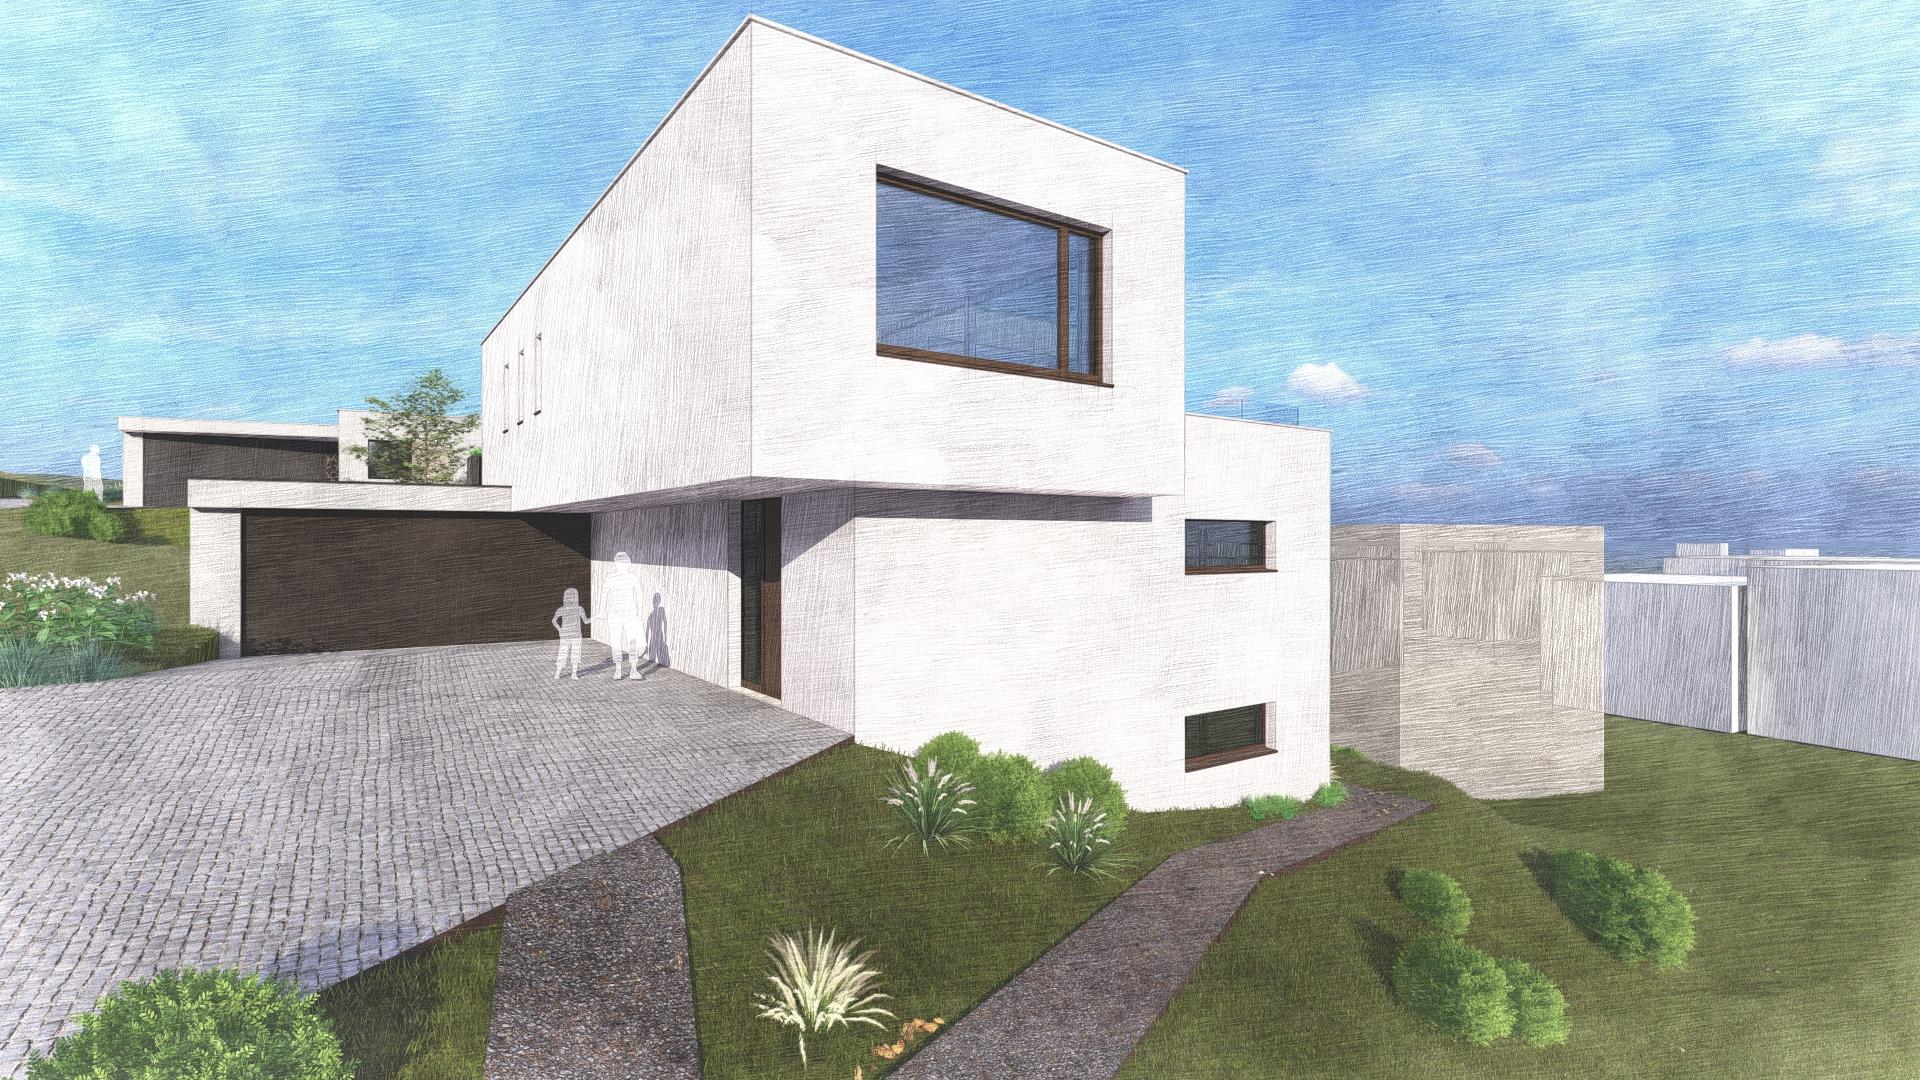 Haus 2 - Eingang-EFH-Lindenbächli-Uetliburg-MO-Architektur-Uznach-Linthgebiet-Ostschweiz-